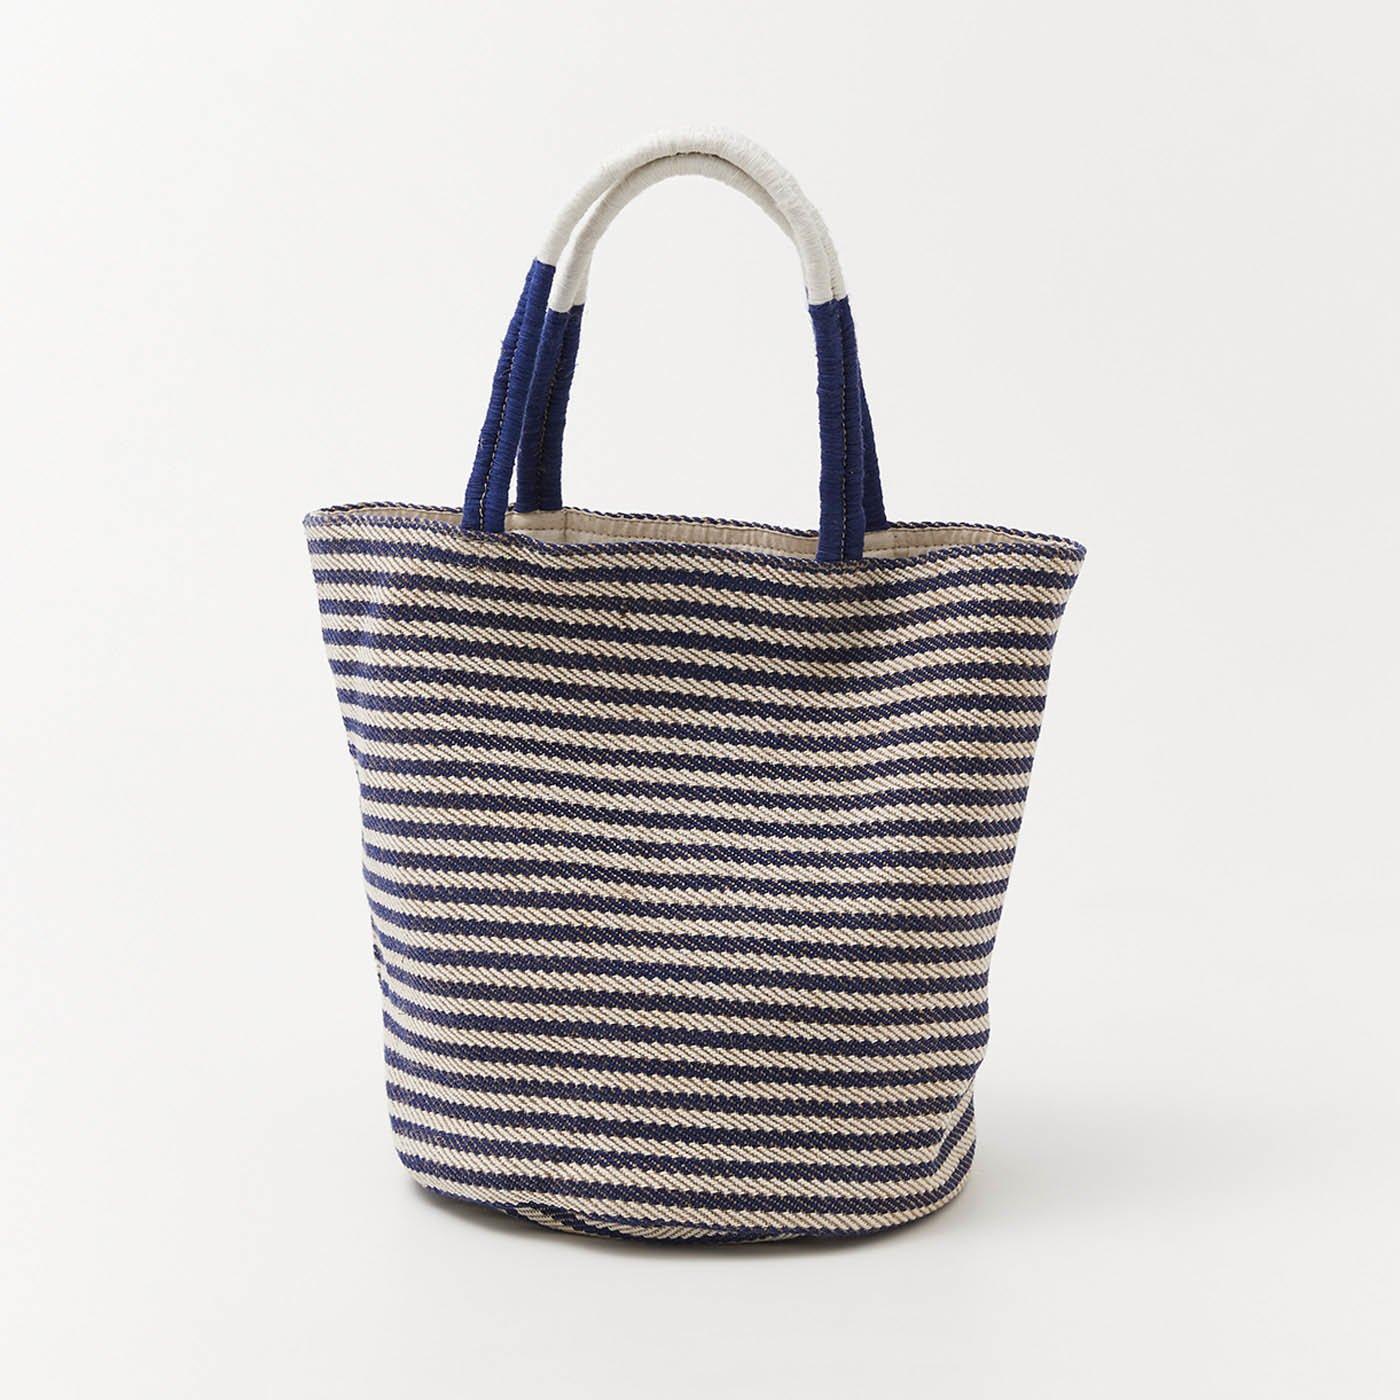 hint hint ジュートで編み上げたバッグ〈ボーダー〉